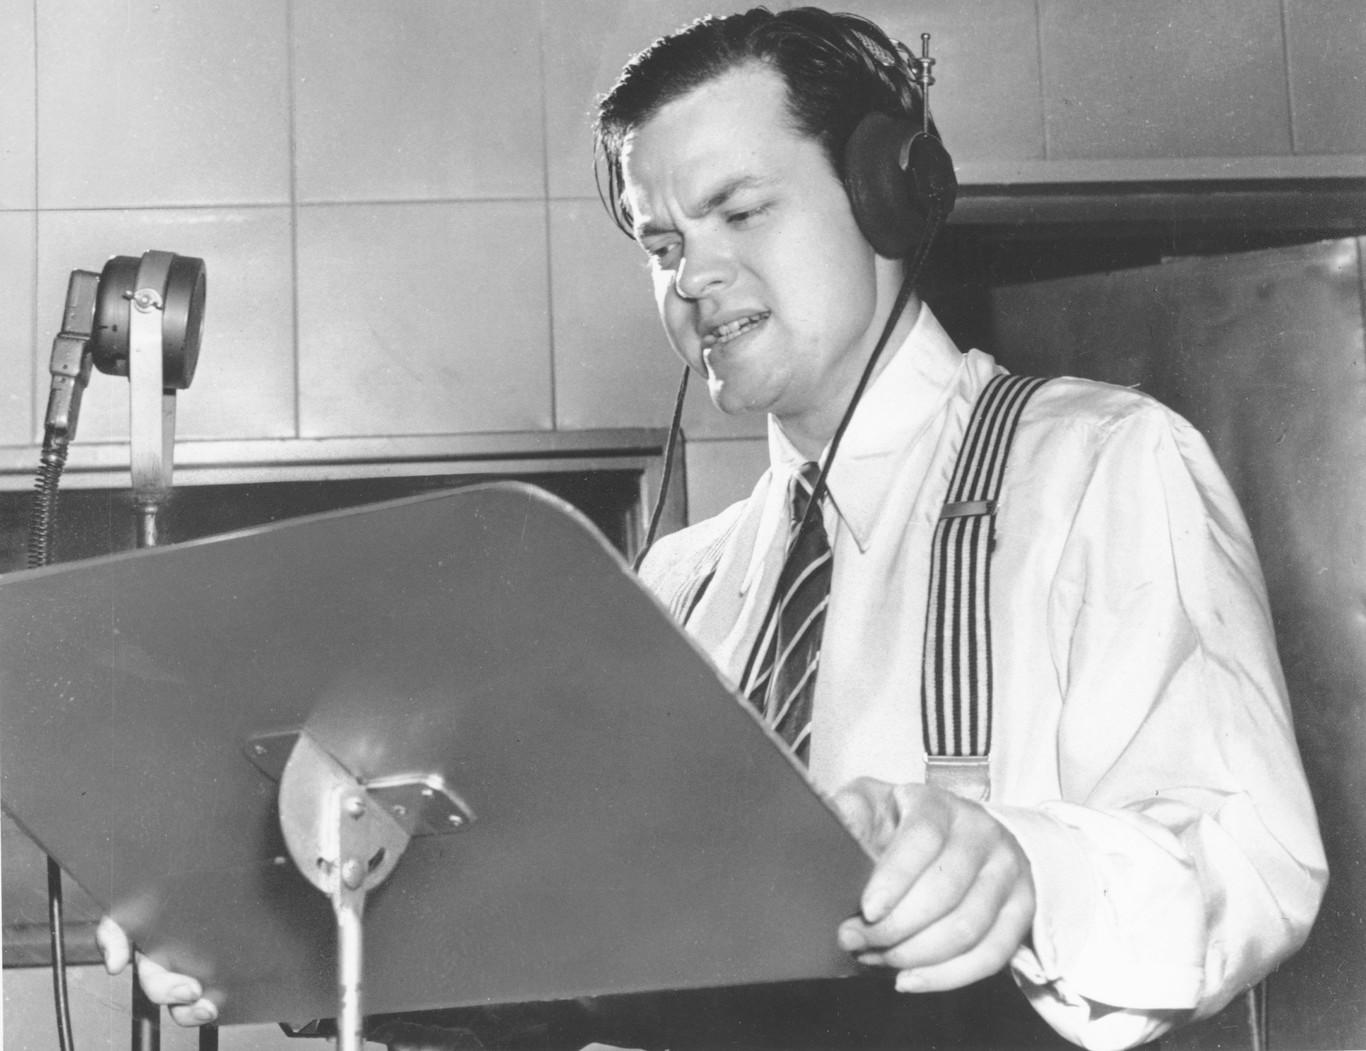 """Transmissão de rádio por Orson Welles comunicando uma invasão alienígena falsa em """"Guerra dos Mundos"""" (Fonte: Magnet/Xataka/Reprodução)"""